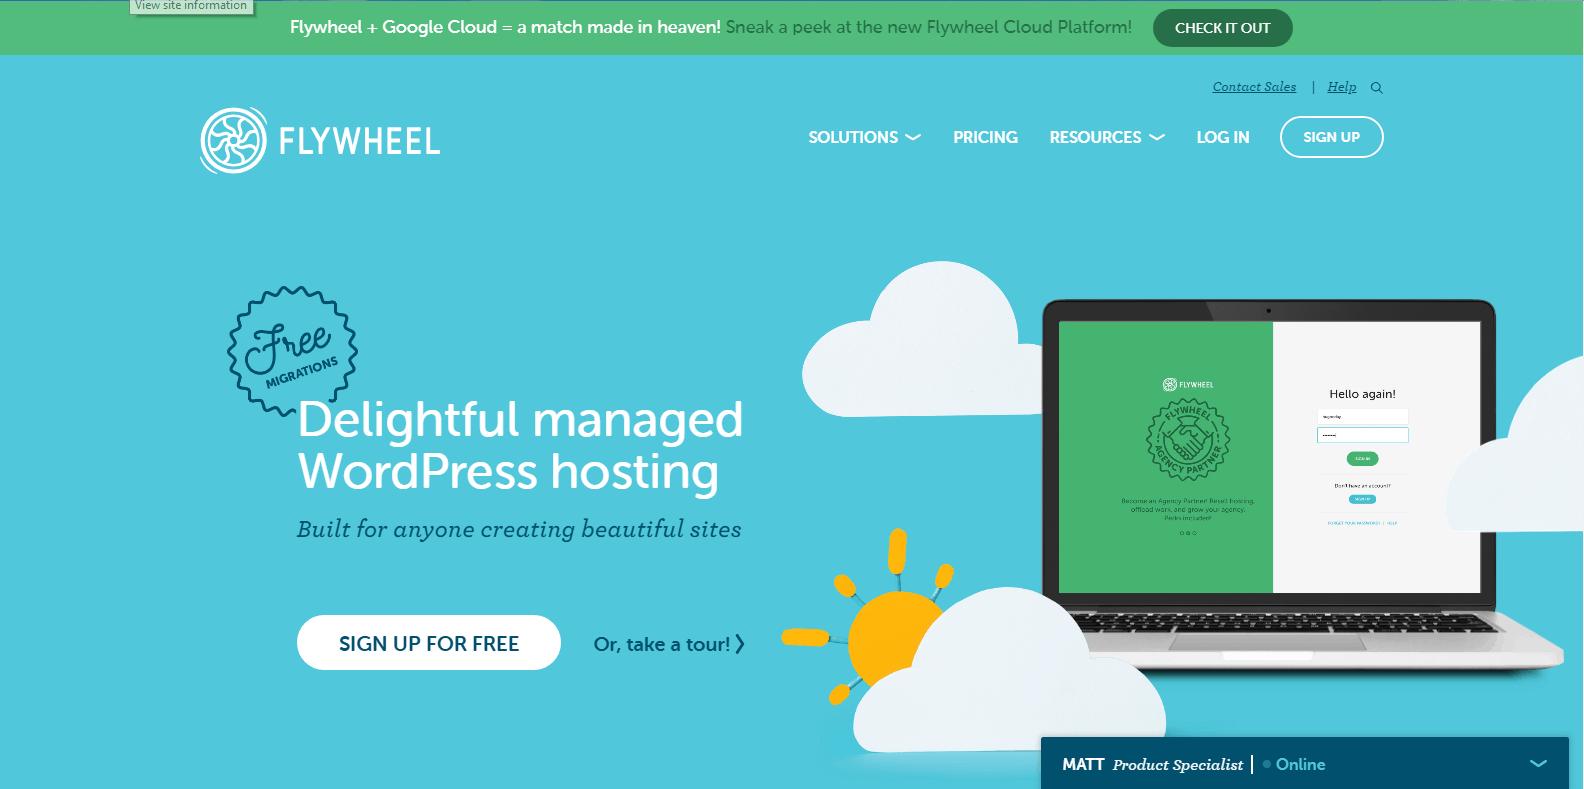 Flywheel WordPress Hosting